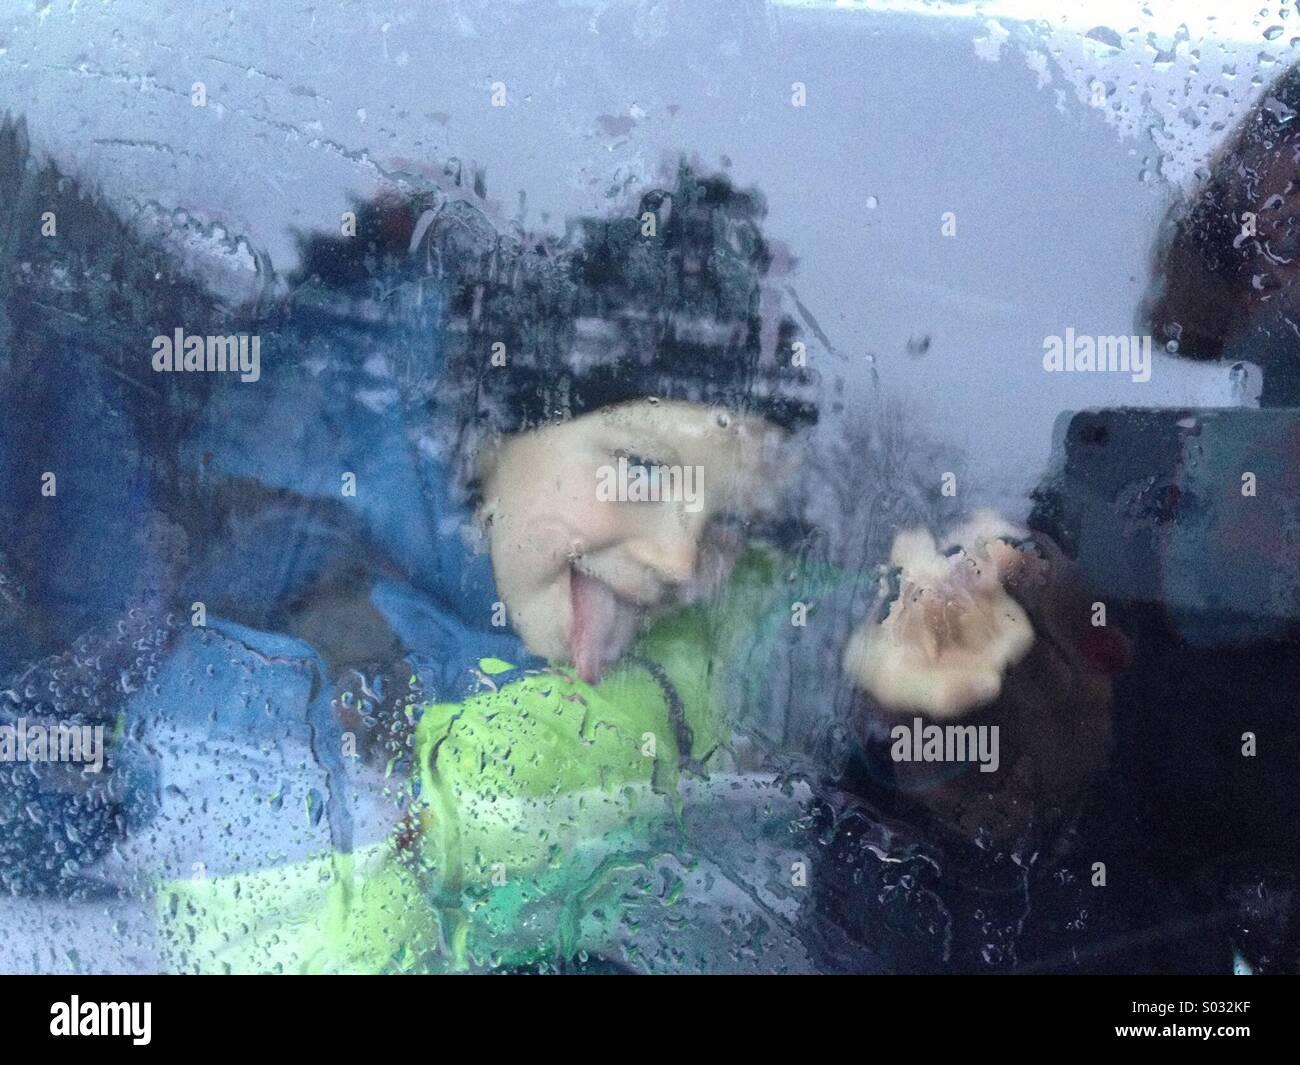 Ritratti di bambini su bagnato finestra nel giorno di pioggia Immagini Stock